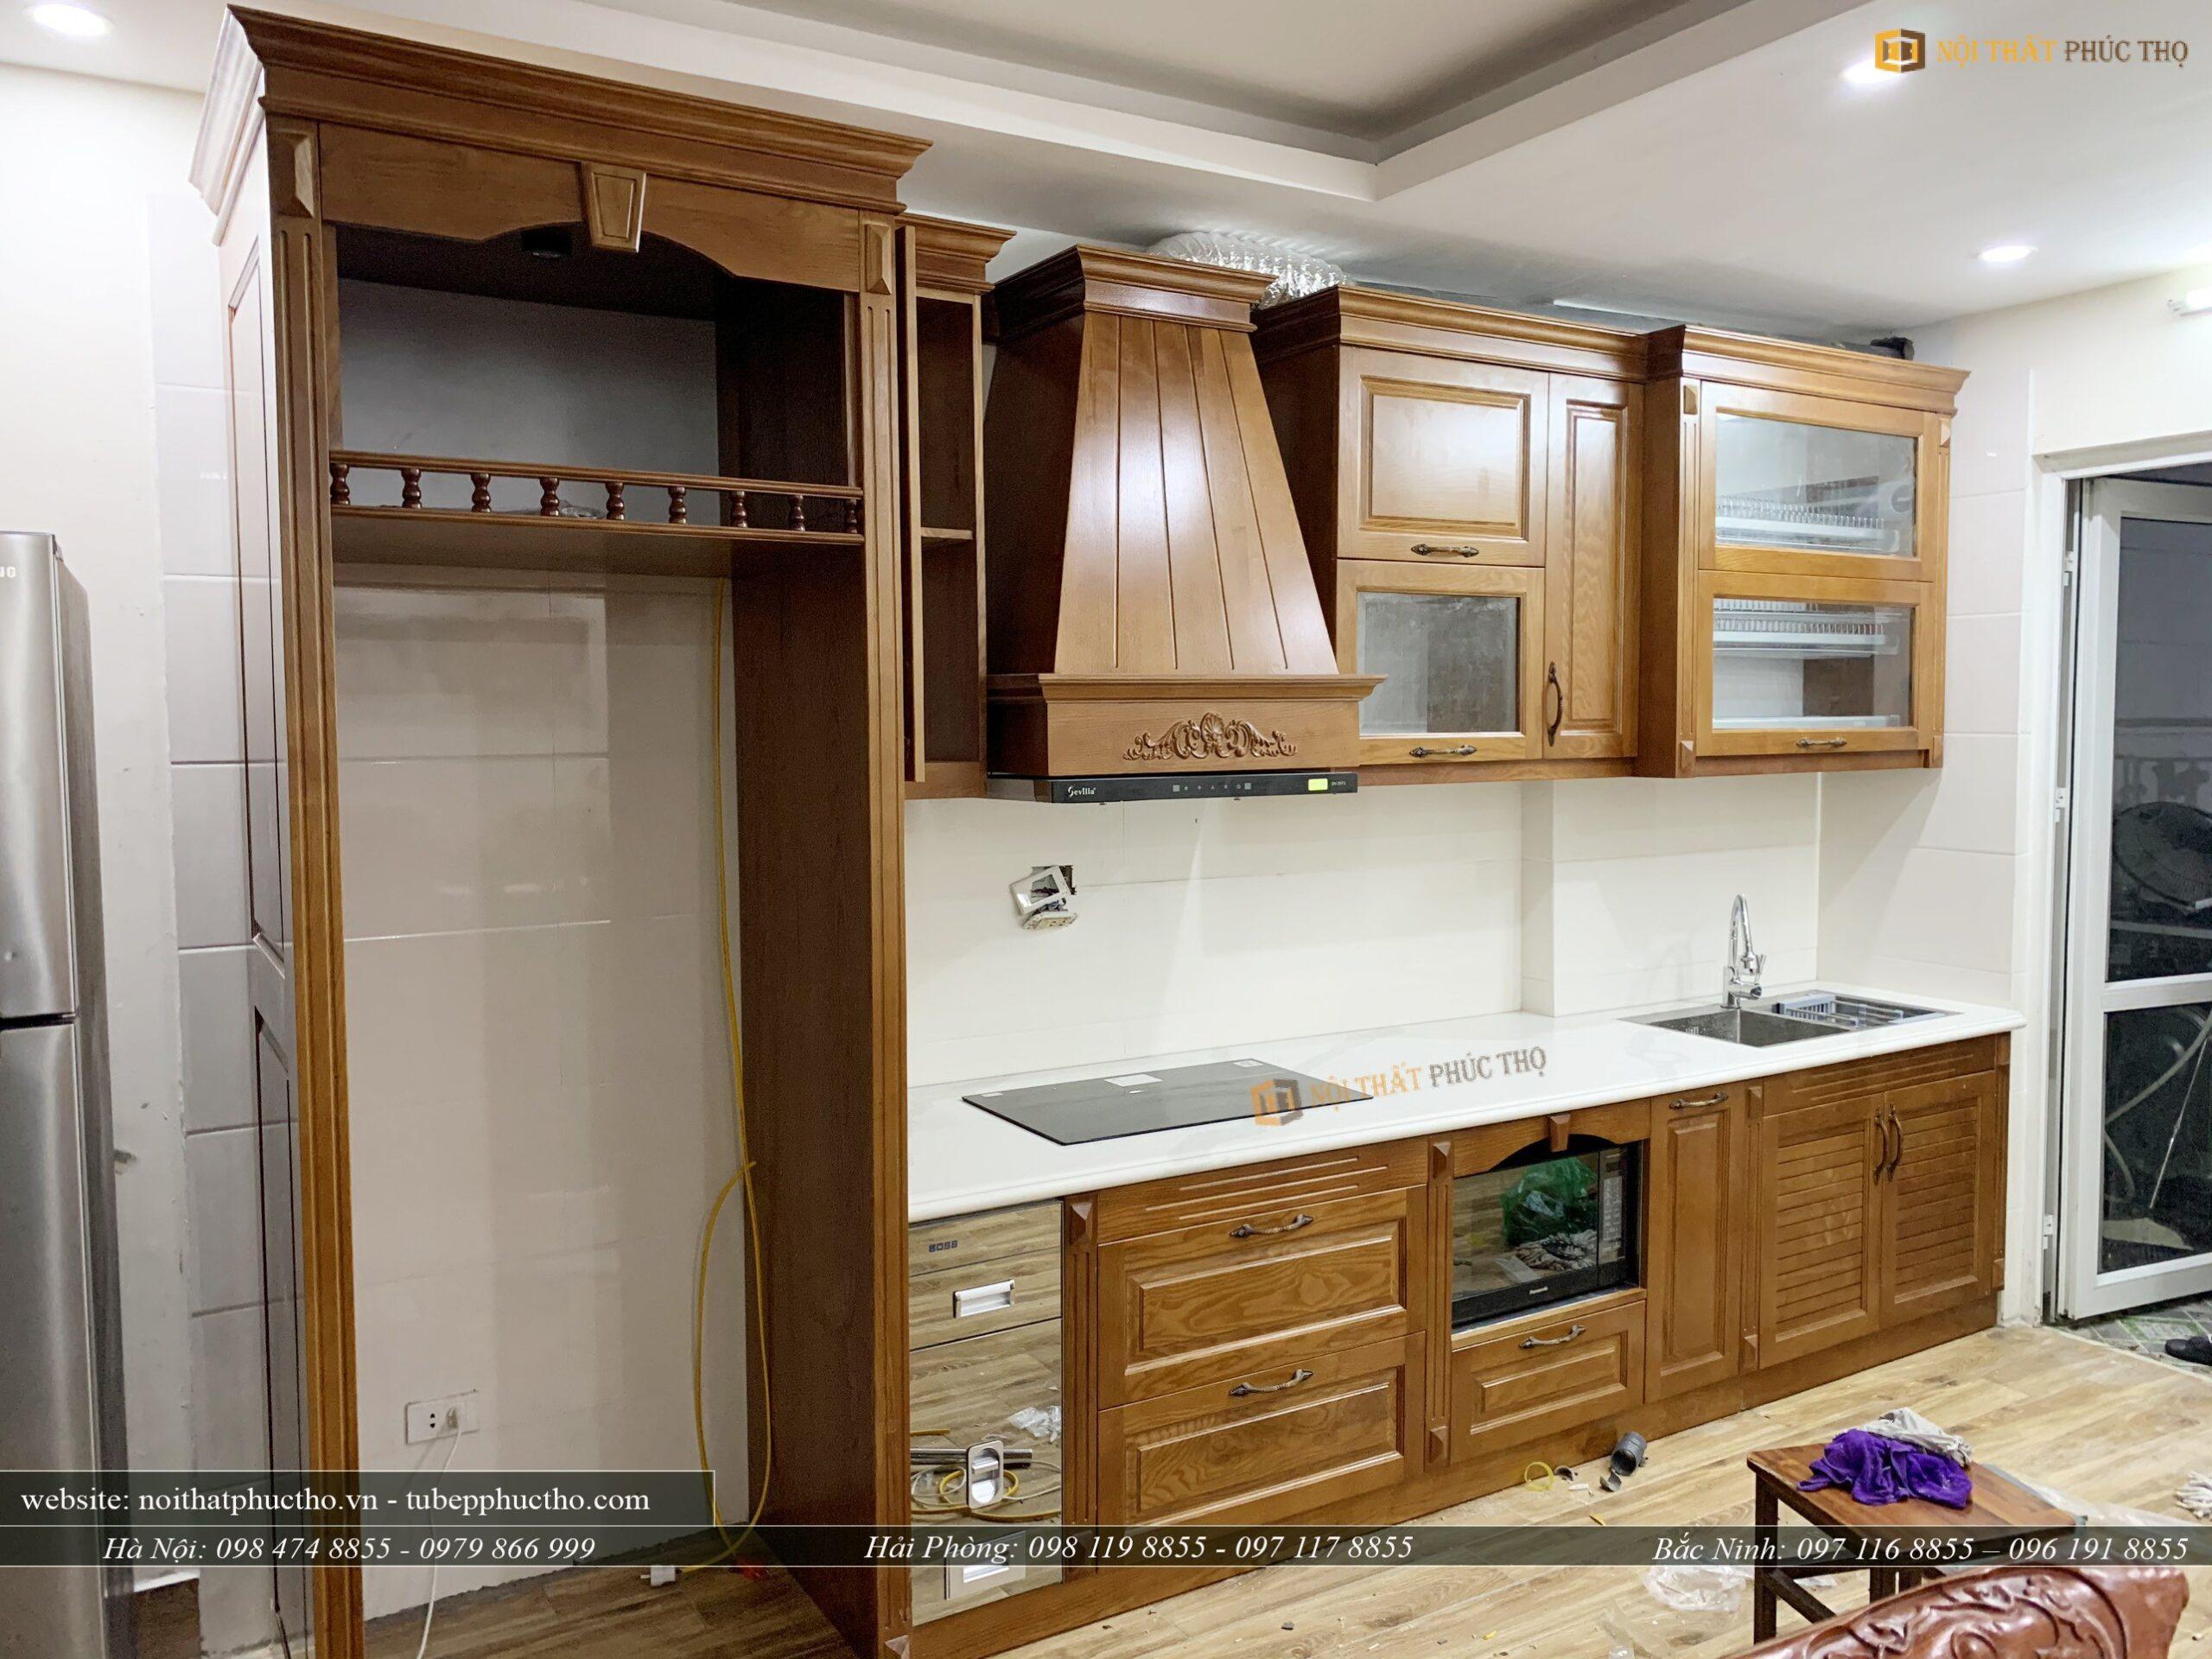 còn đây là mẫu tủ bếp trên khi được hoàn thiện thực tế